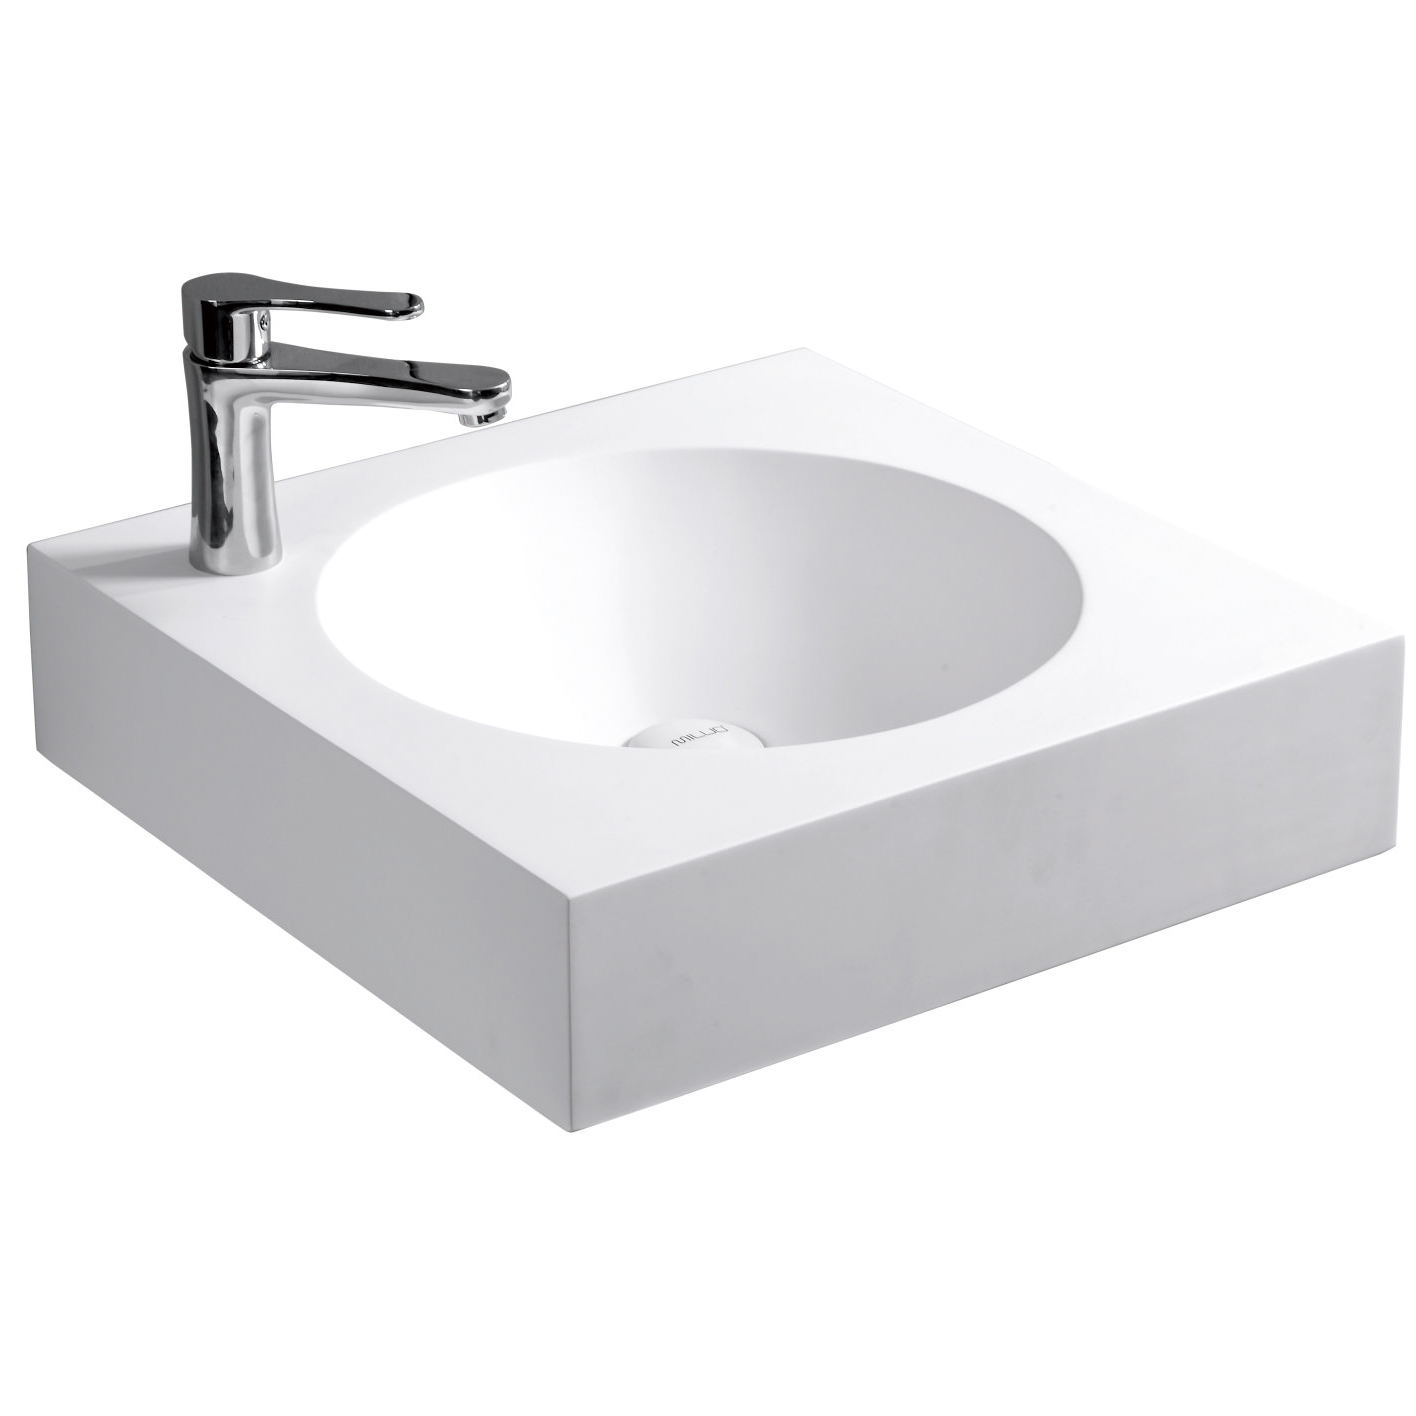 lavabo de salle de bain rectangulaire salle de bain en marbre polyi m666 buy bassin de surface solide evier en pierre artificielle evier peu profond et bassin product on alibaba com